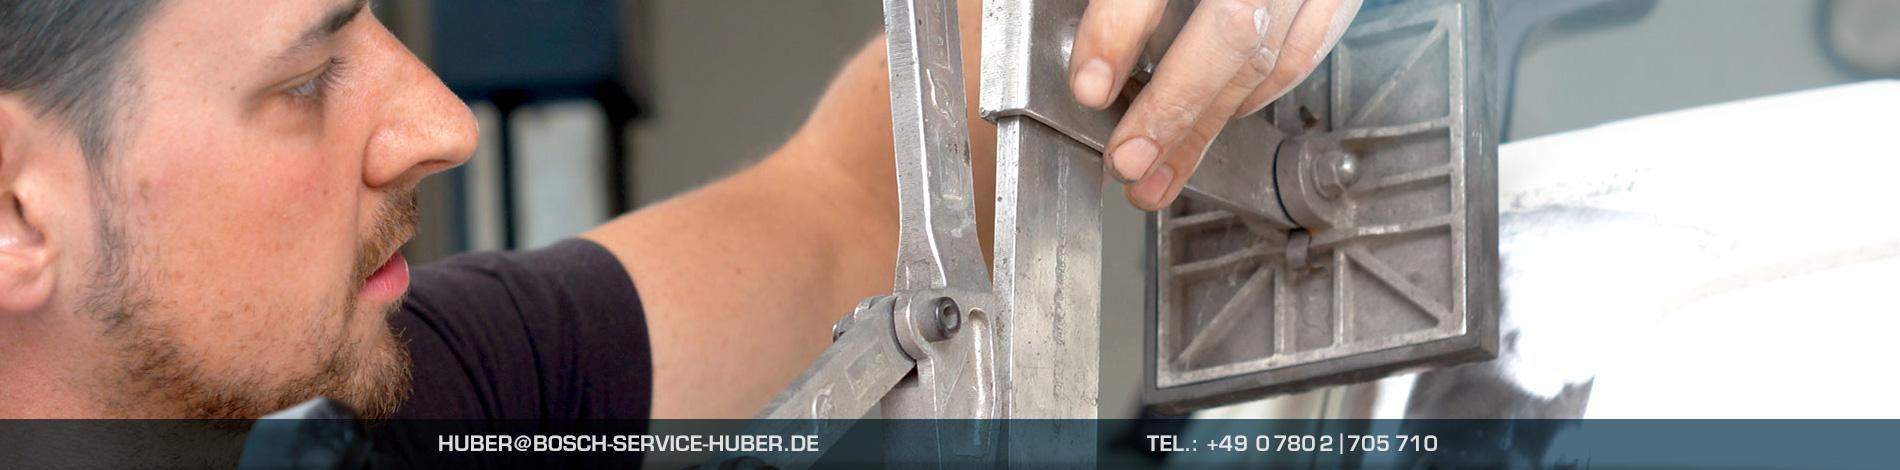 Karosseriearbeiten und Smart Repair im Autohaus Huber/Bosch Car Service Oberkirch